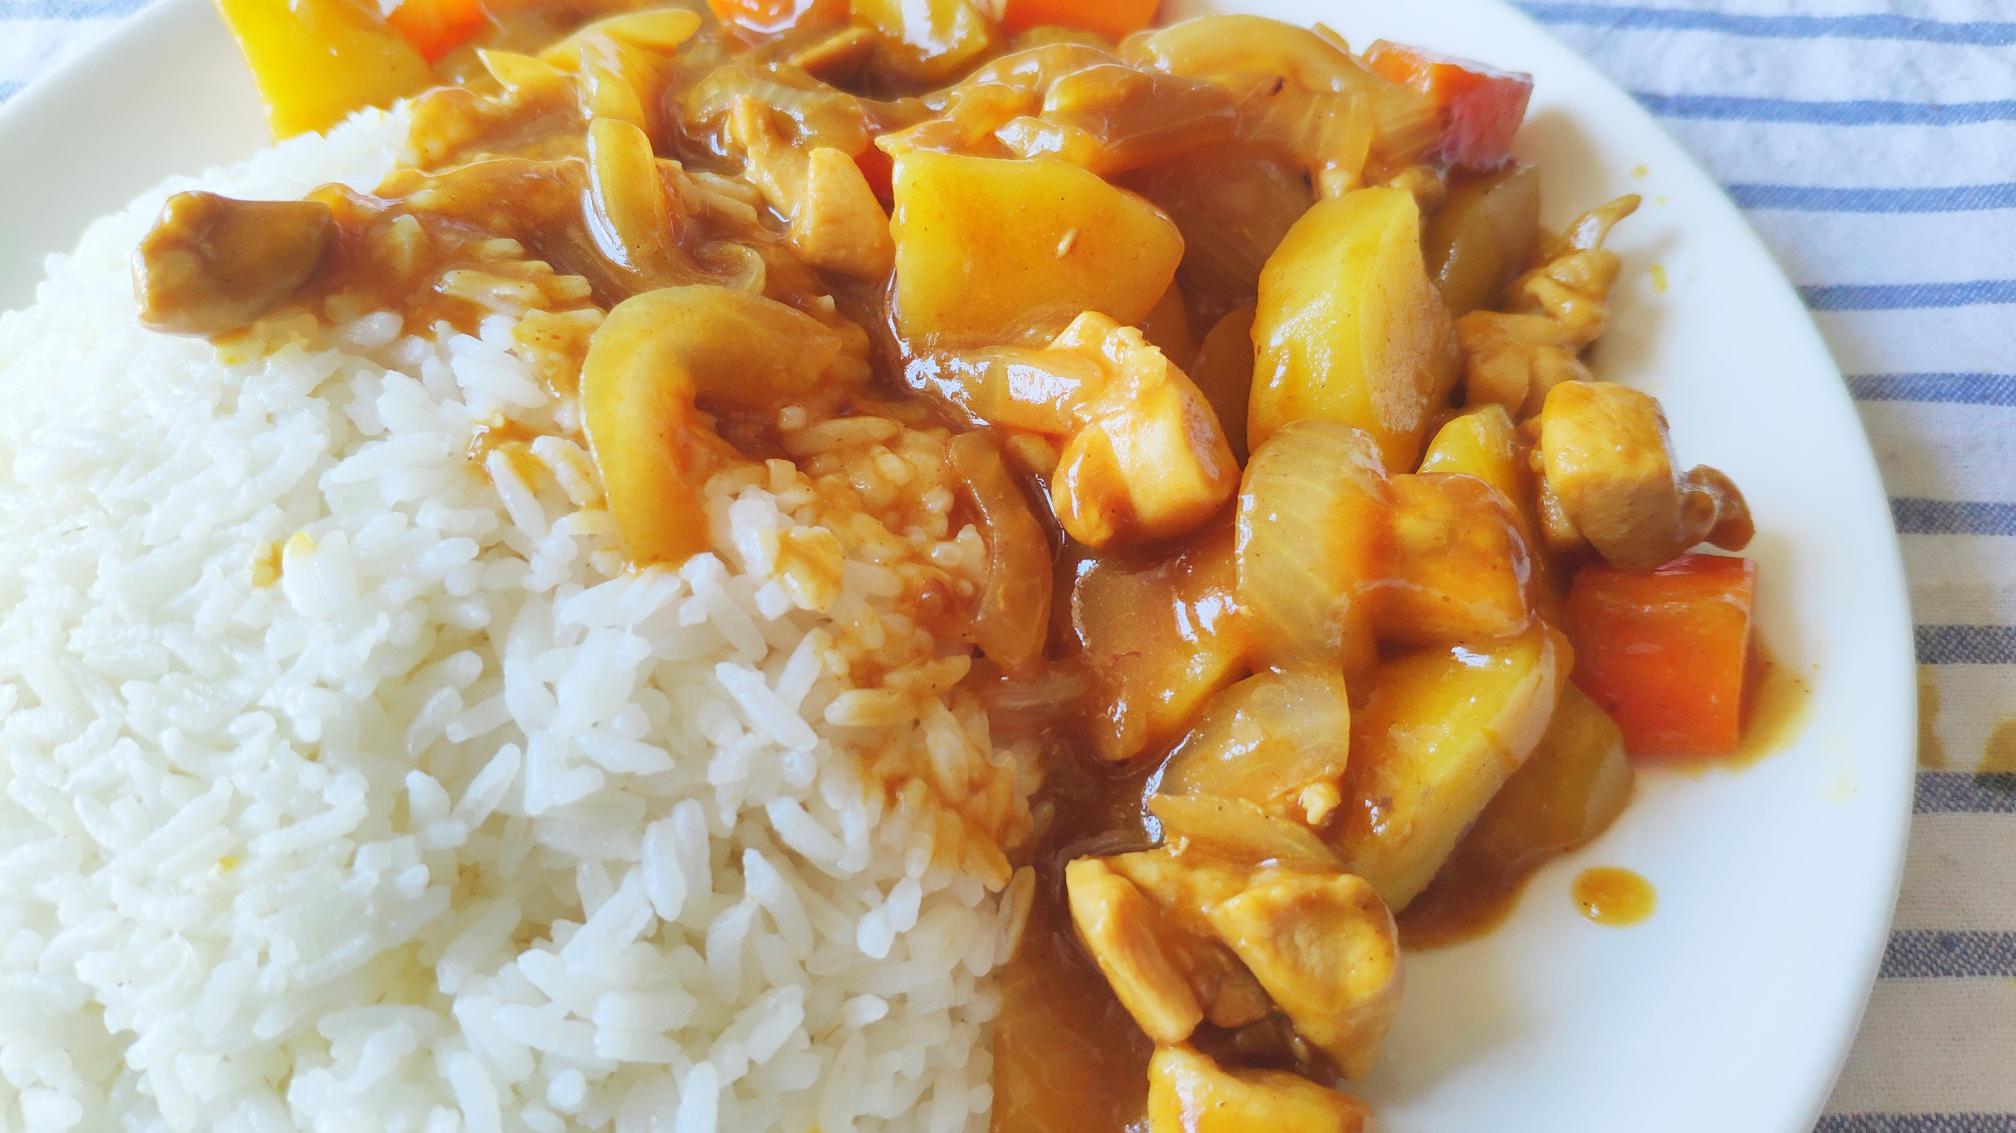 【家常菜系列】日式咖喱鸡腿饭